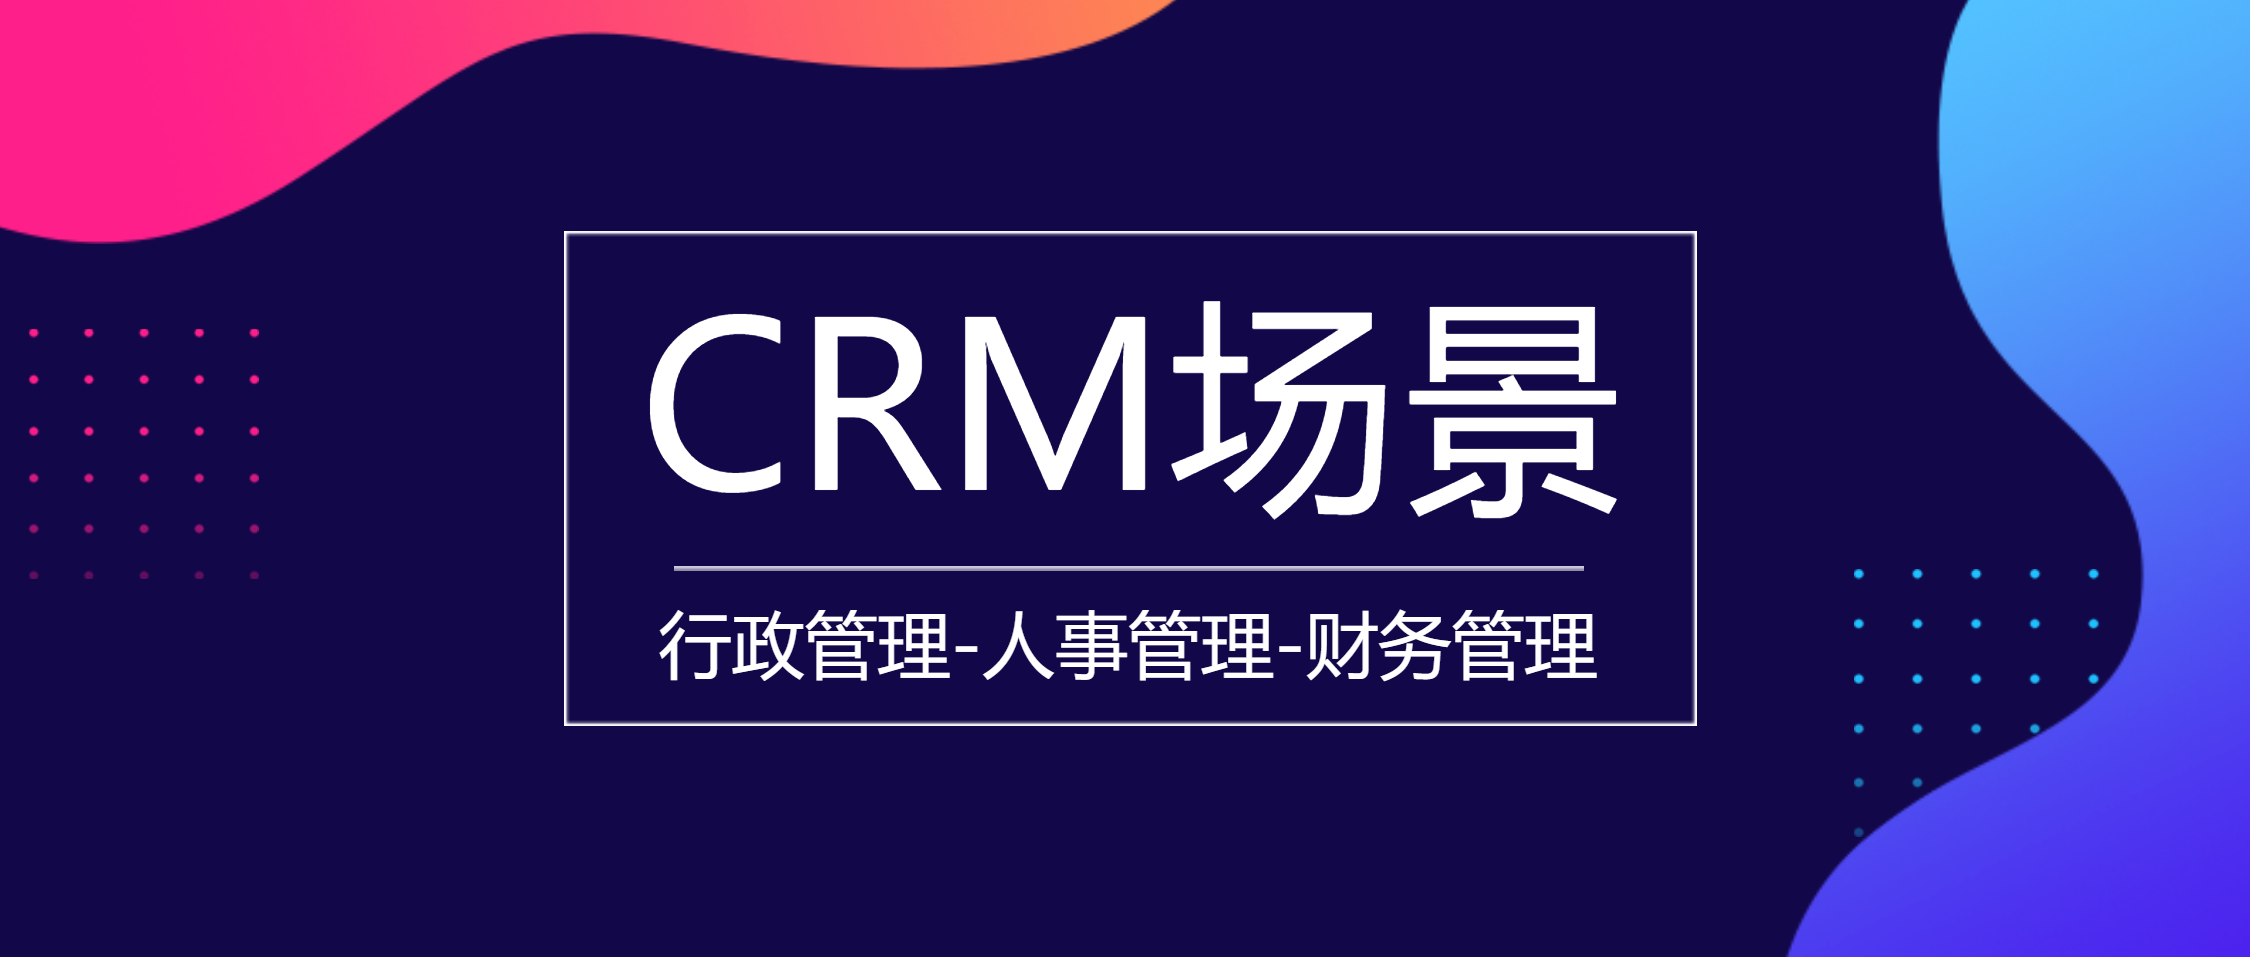 CRM场景之行政、人事、财务的应用